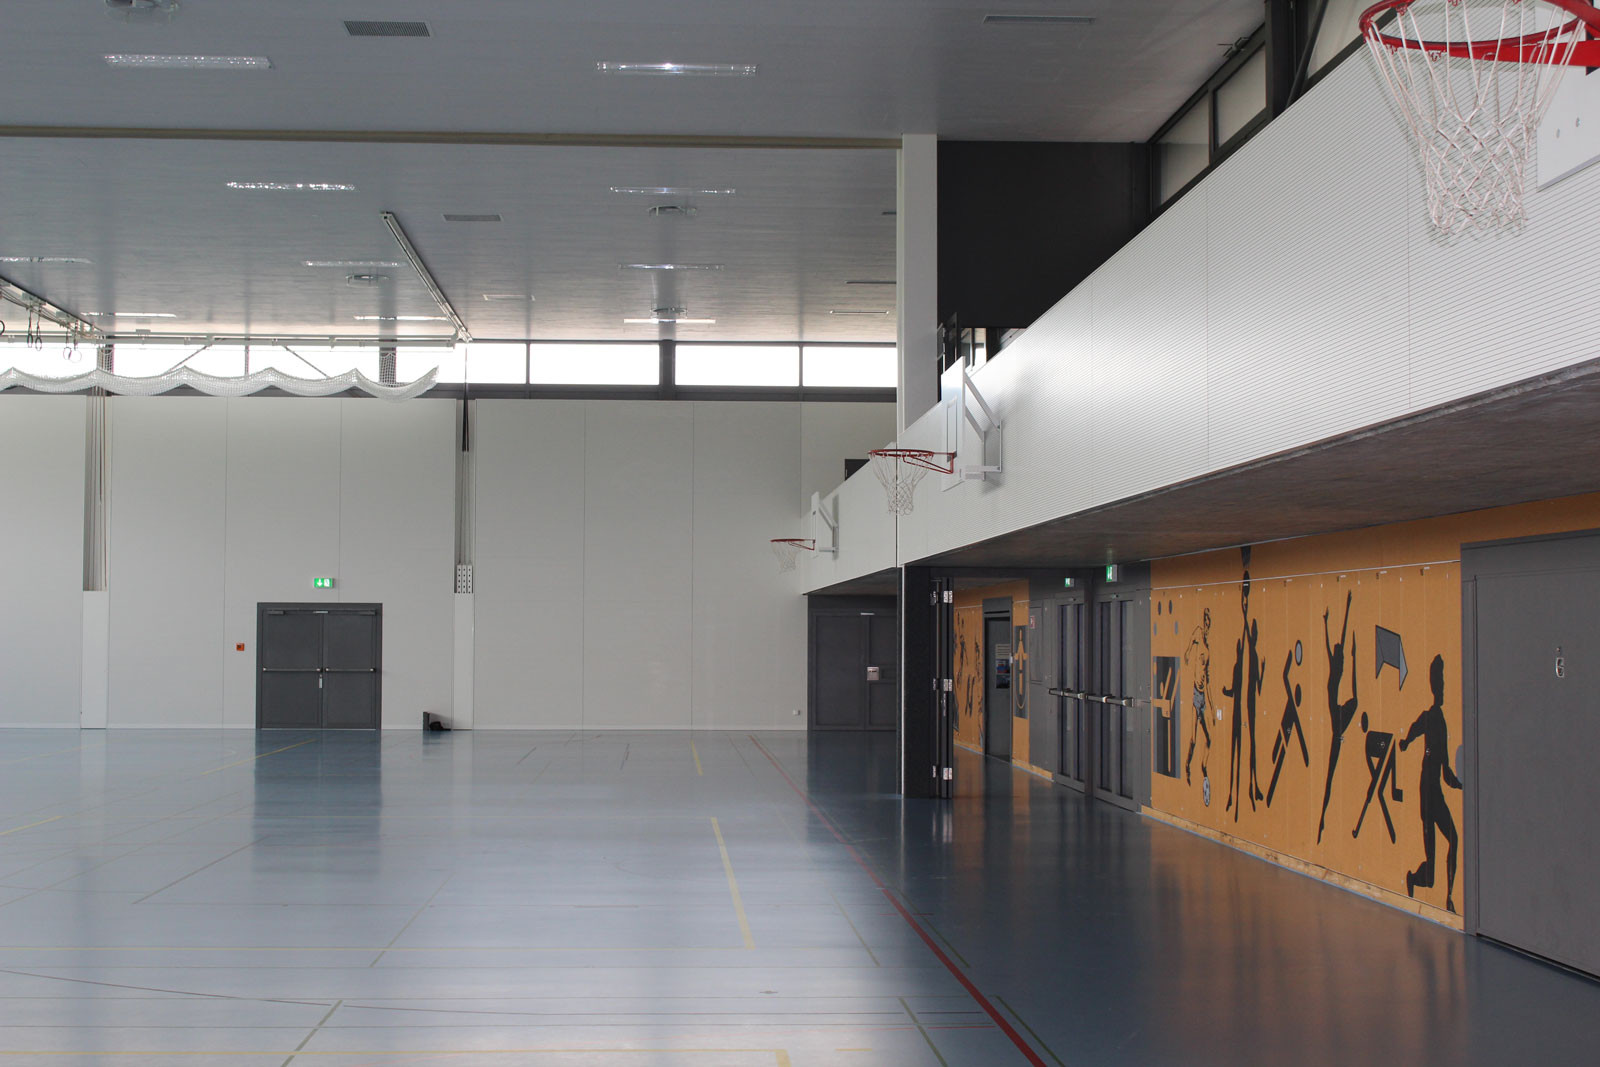 Geisshubel gymnasium, Zollikofen, von Allmen Architekten AG, Bern